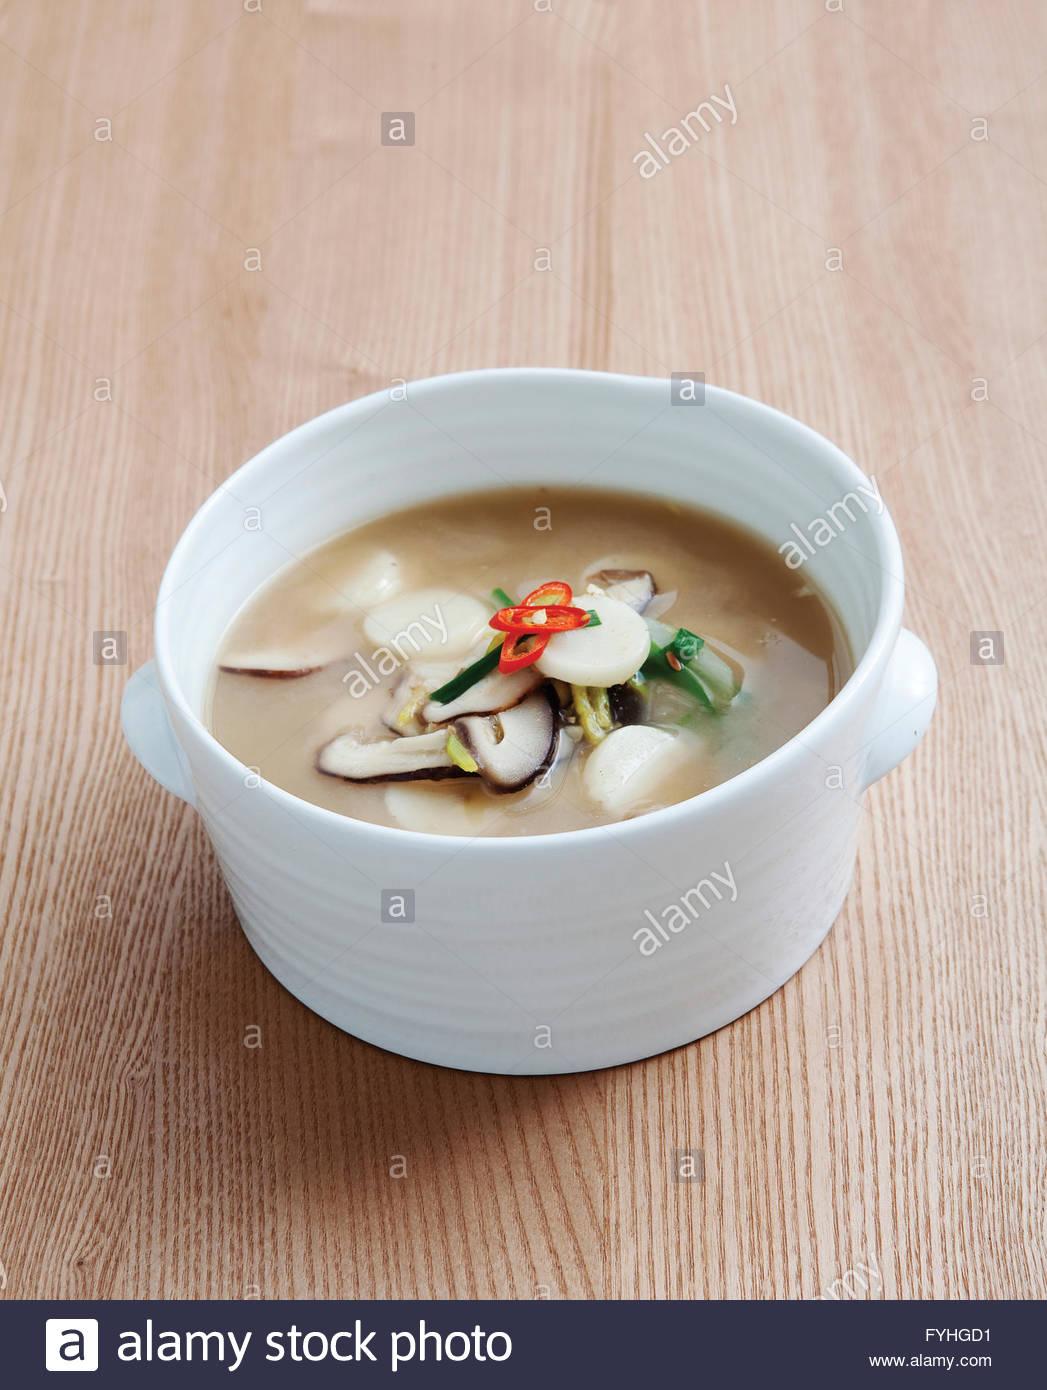 Mushroom Rice Cake Soup Bean Paste Stock Photos & Mushroom